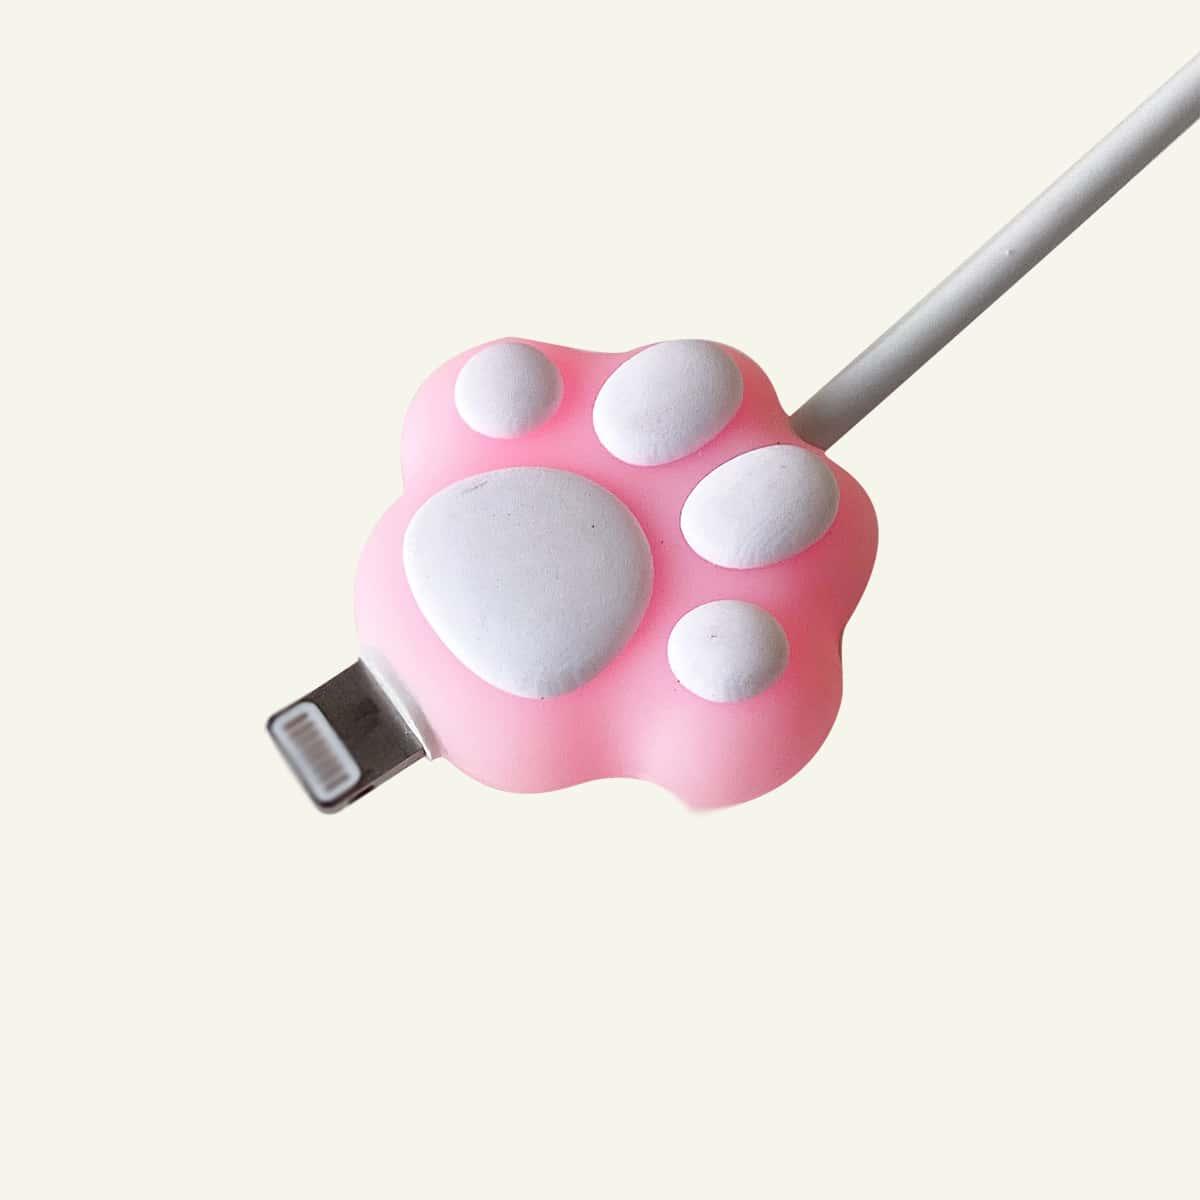 Протектор для кабеля передачи данных в форме кошачьего когтя